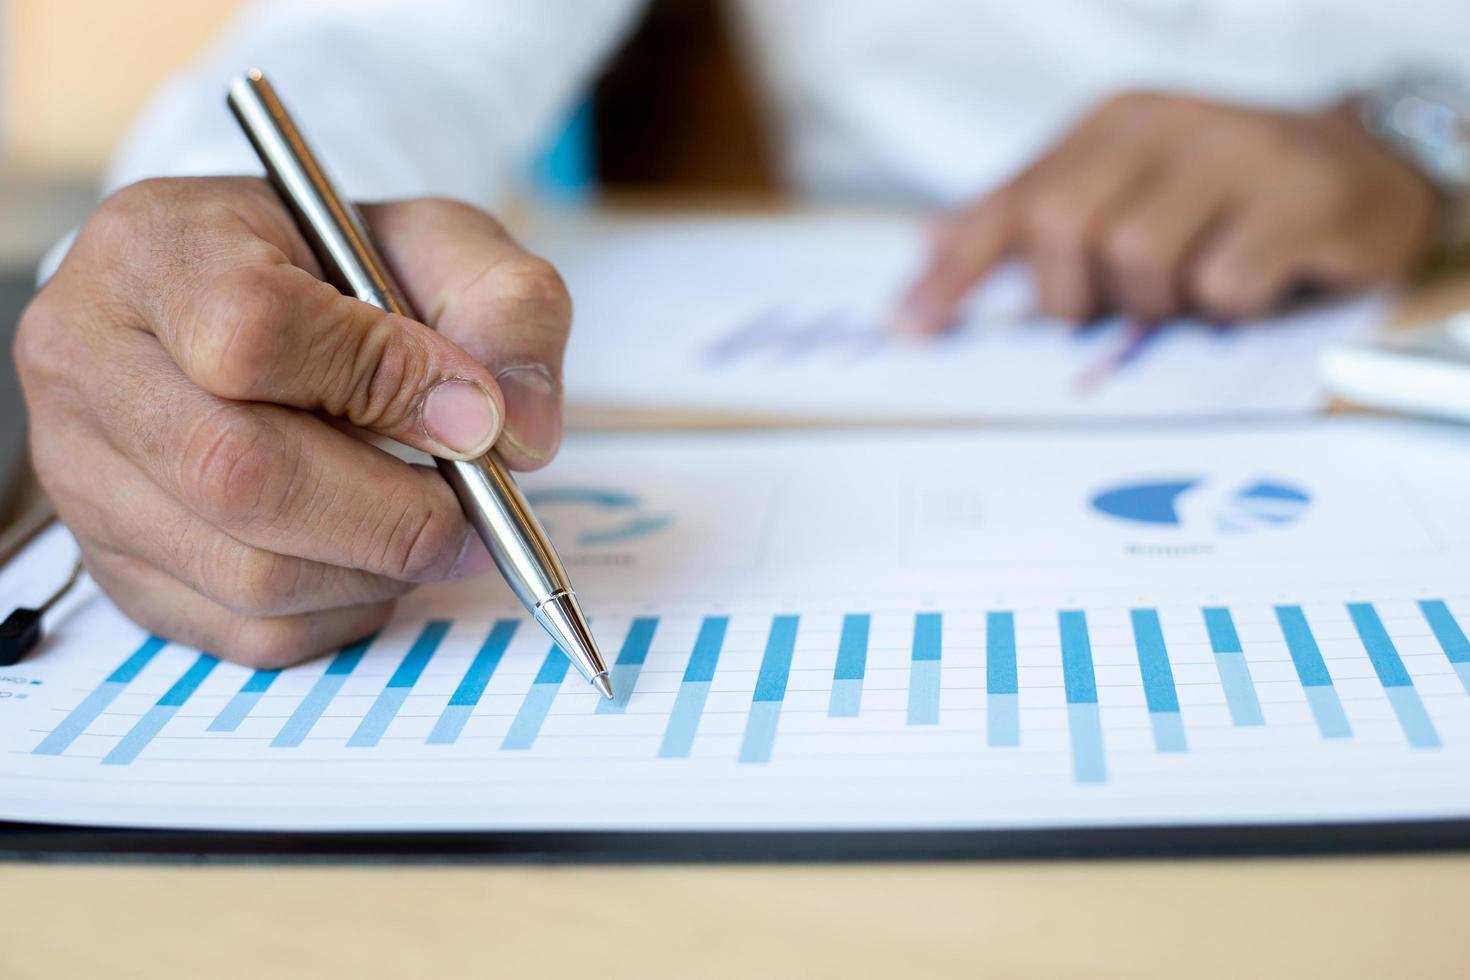 une personne des finances tracer un graphique des dépenses photo